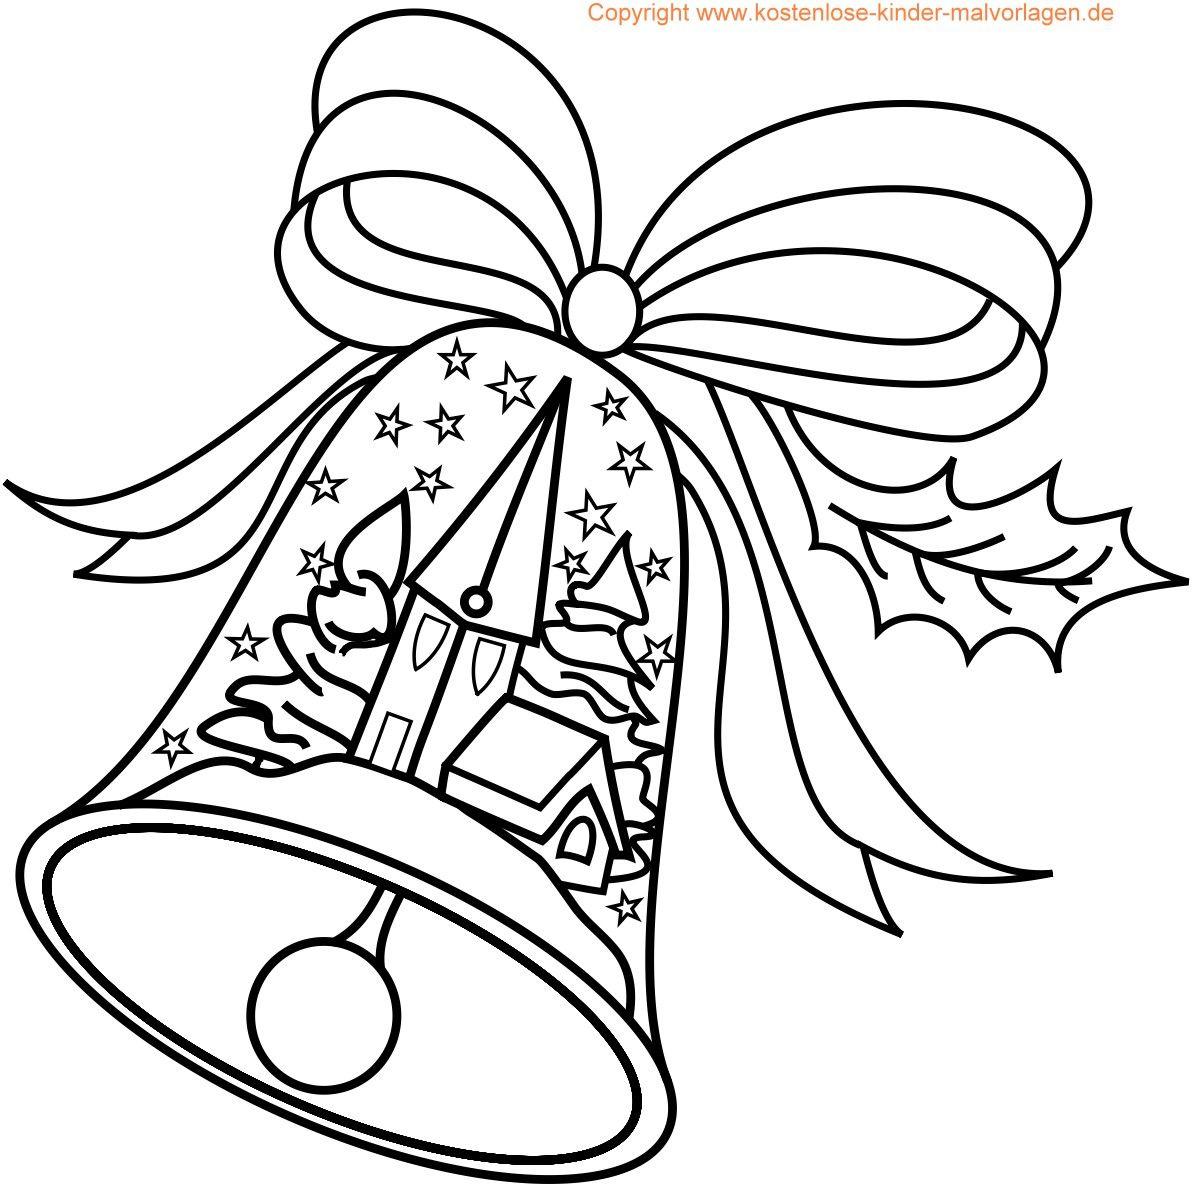 Weihnachten Malvorlagen | Malvorlagen Weihnachten mit Weihnachtsbilder Zum Ausdrucken Gratis